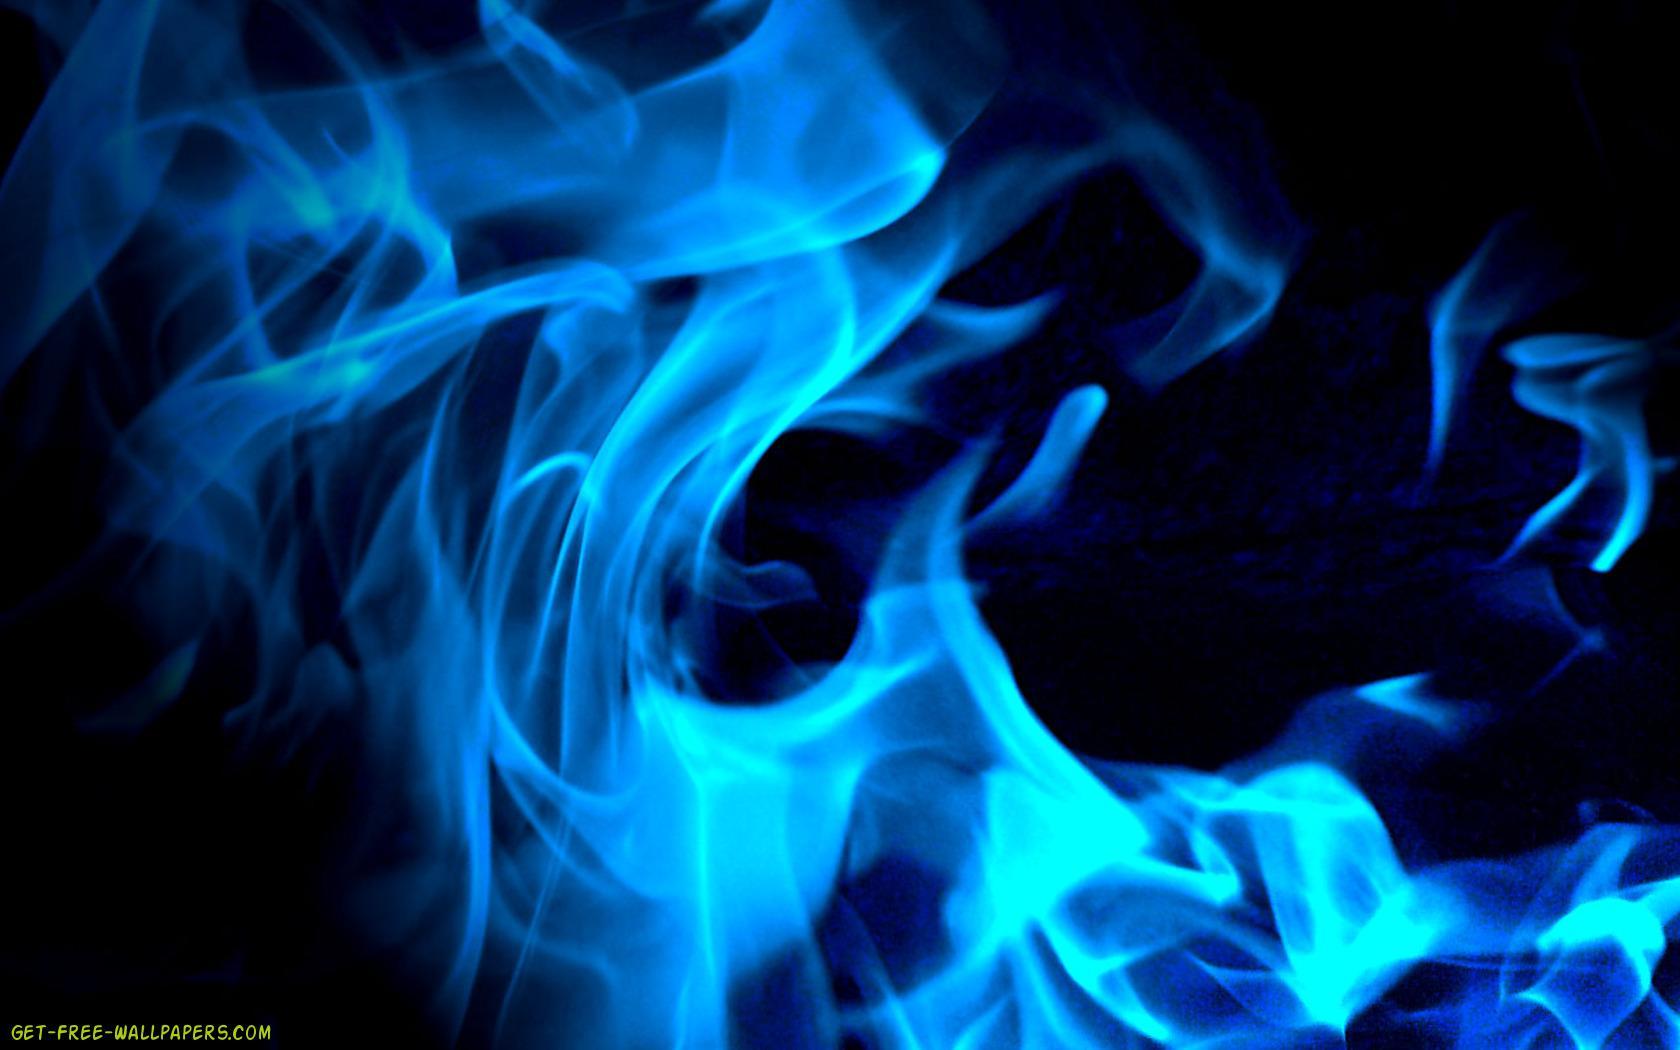 Download Blue Fire Wallpaper 1680x1050